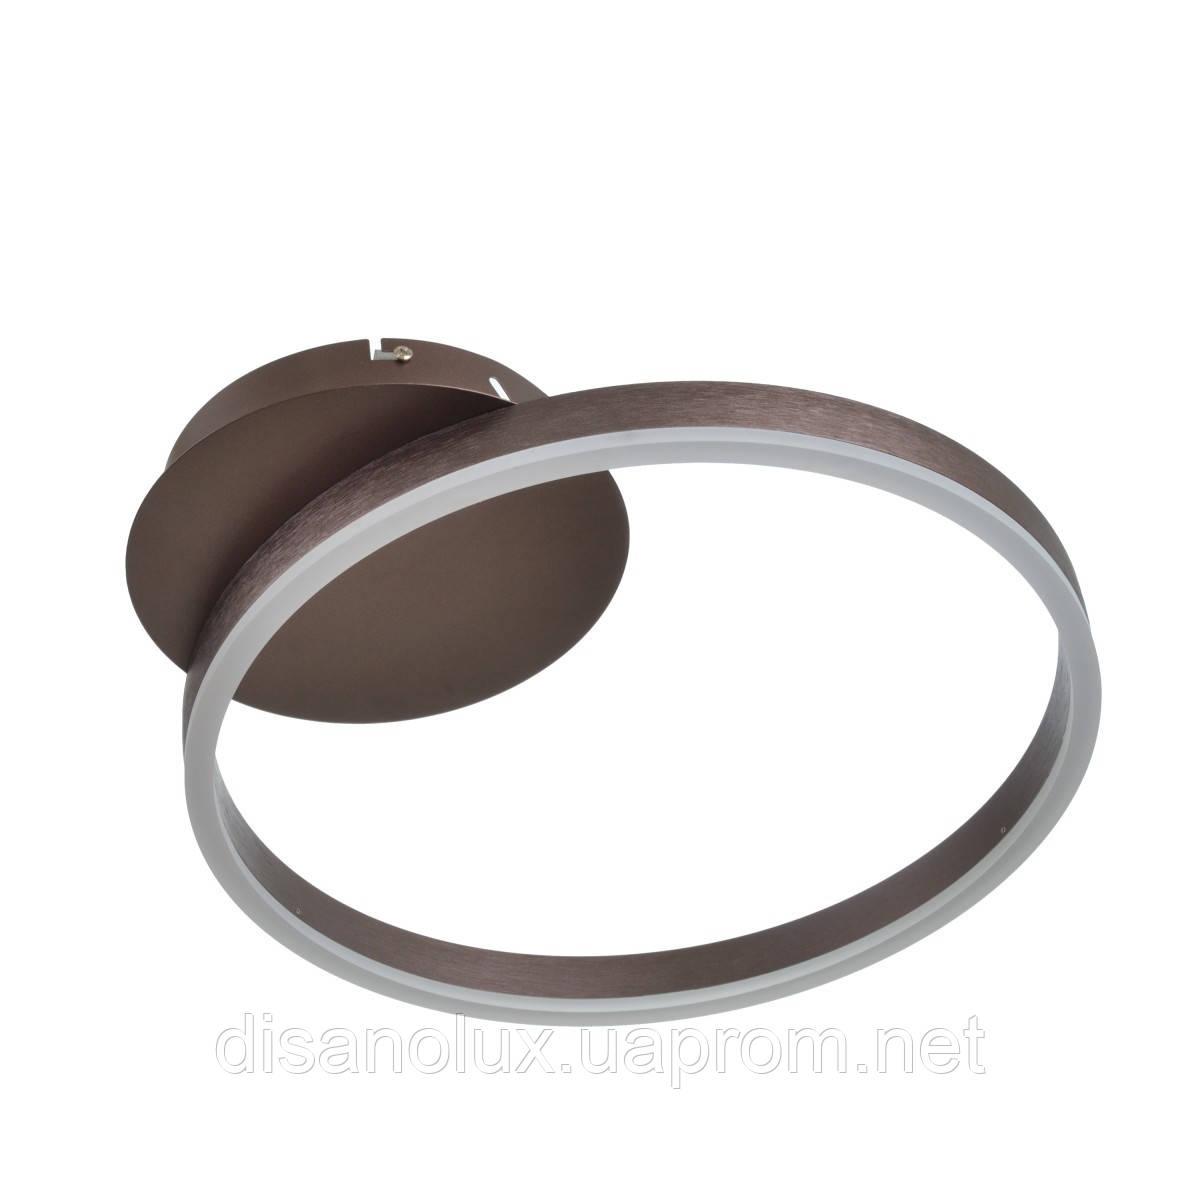 Светильник настенно-потолочный светодиодный накладной BL-935С/23W COF